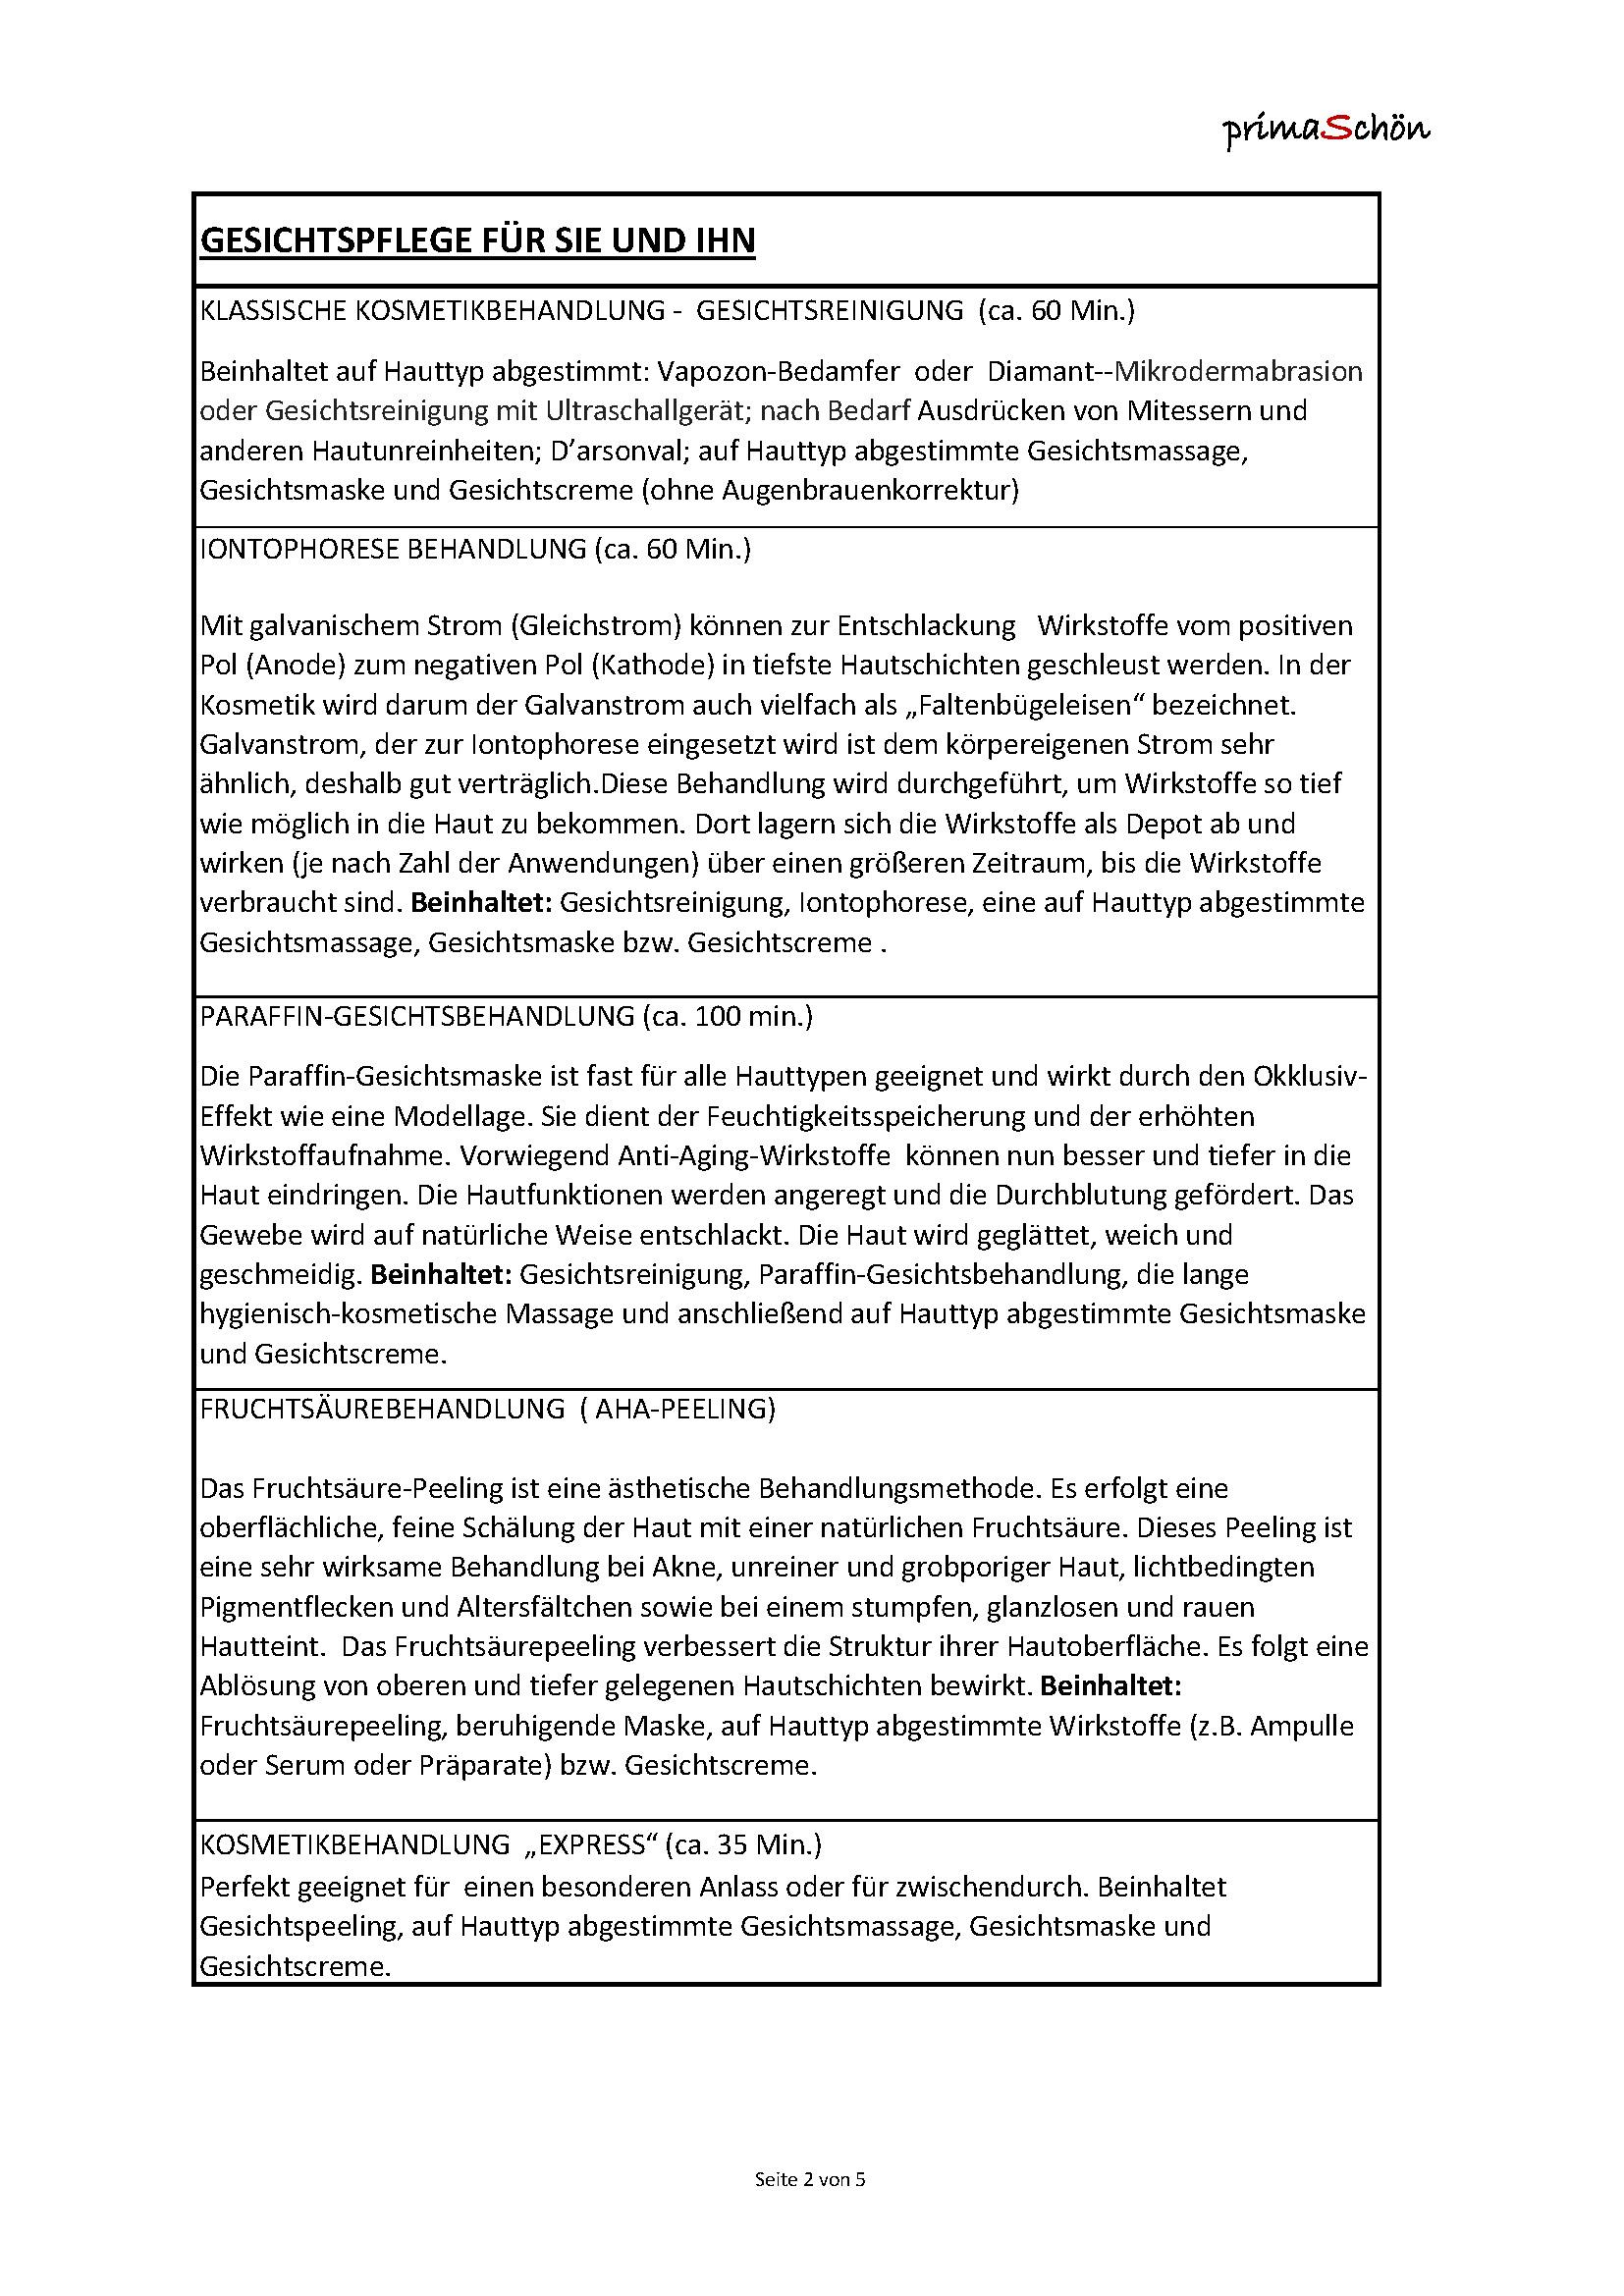 Preisliste Primaschön 11_2015_Seite_2